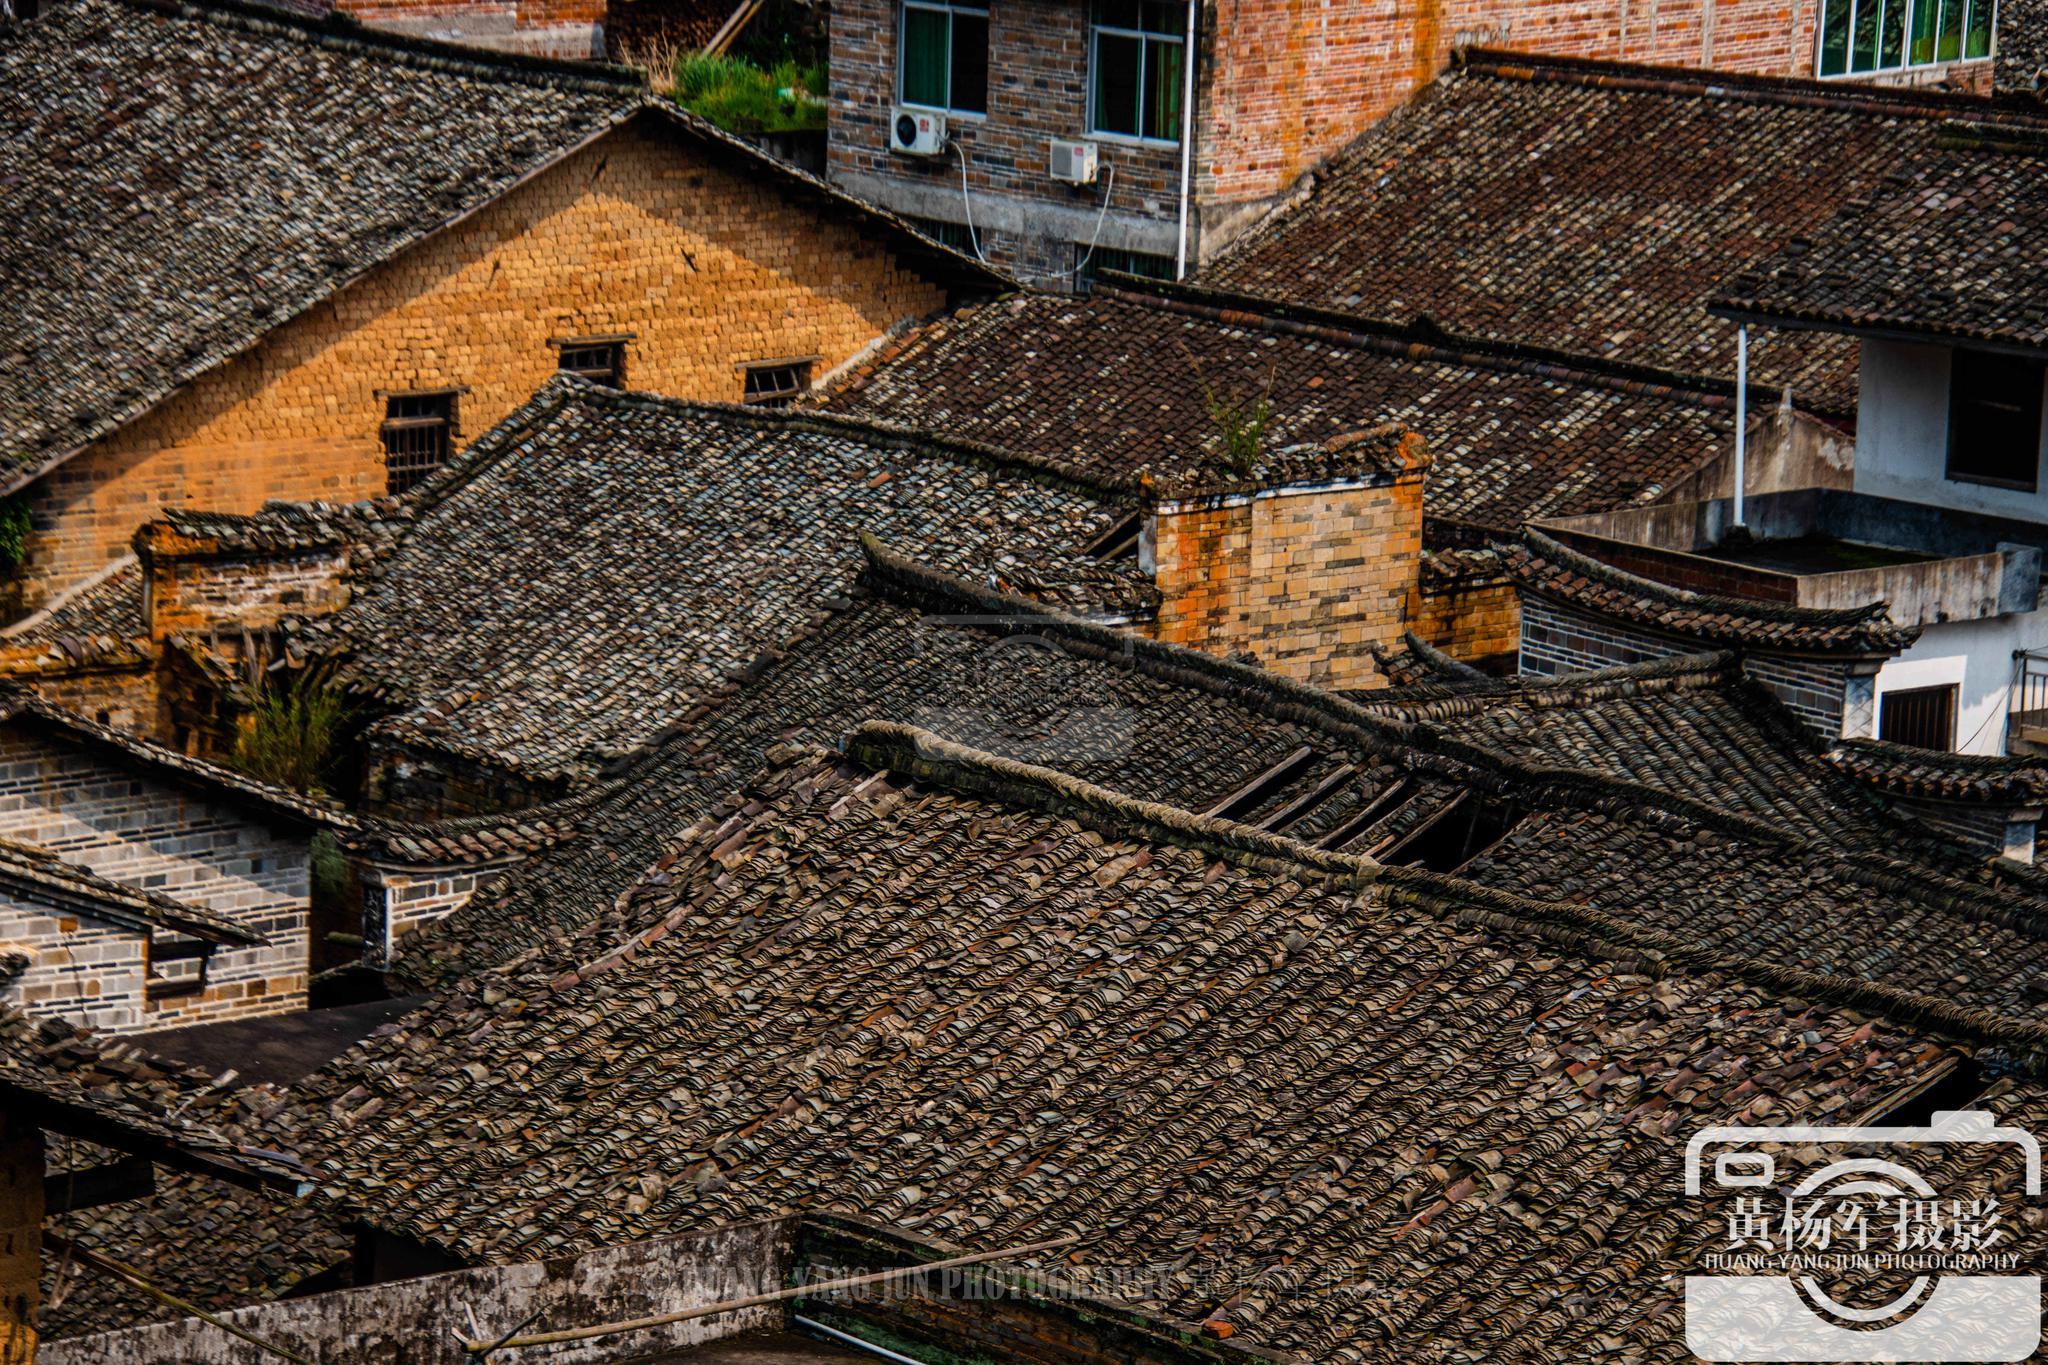 赣县区白鹭古村的明清古建筑,熟悉的客家老屋,浓郁的历史古韵